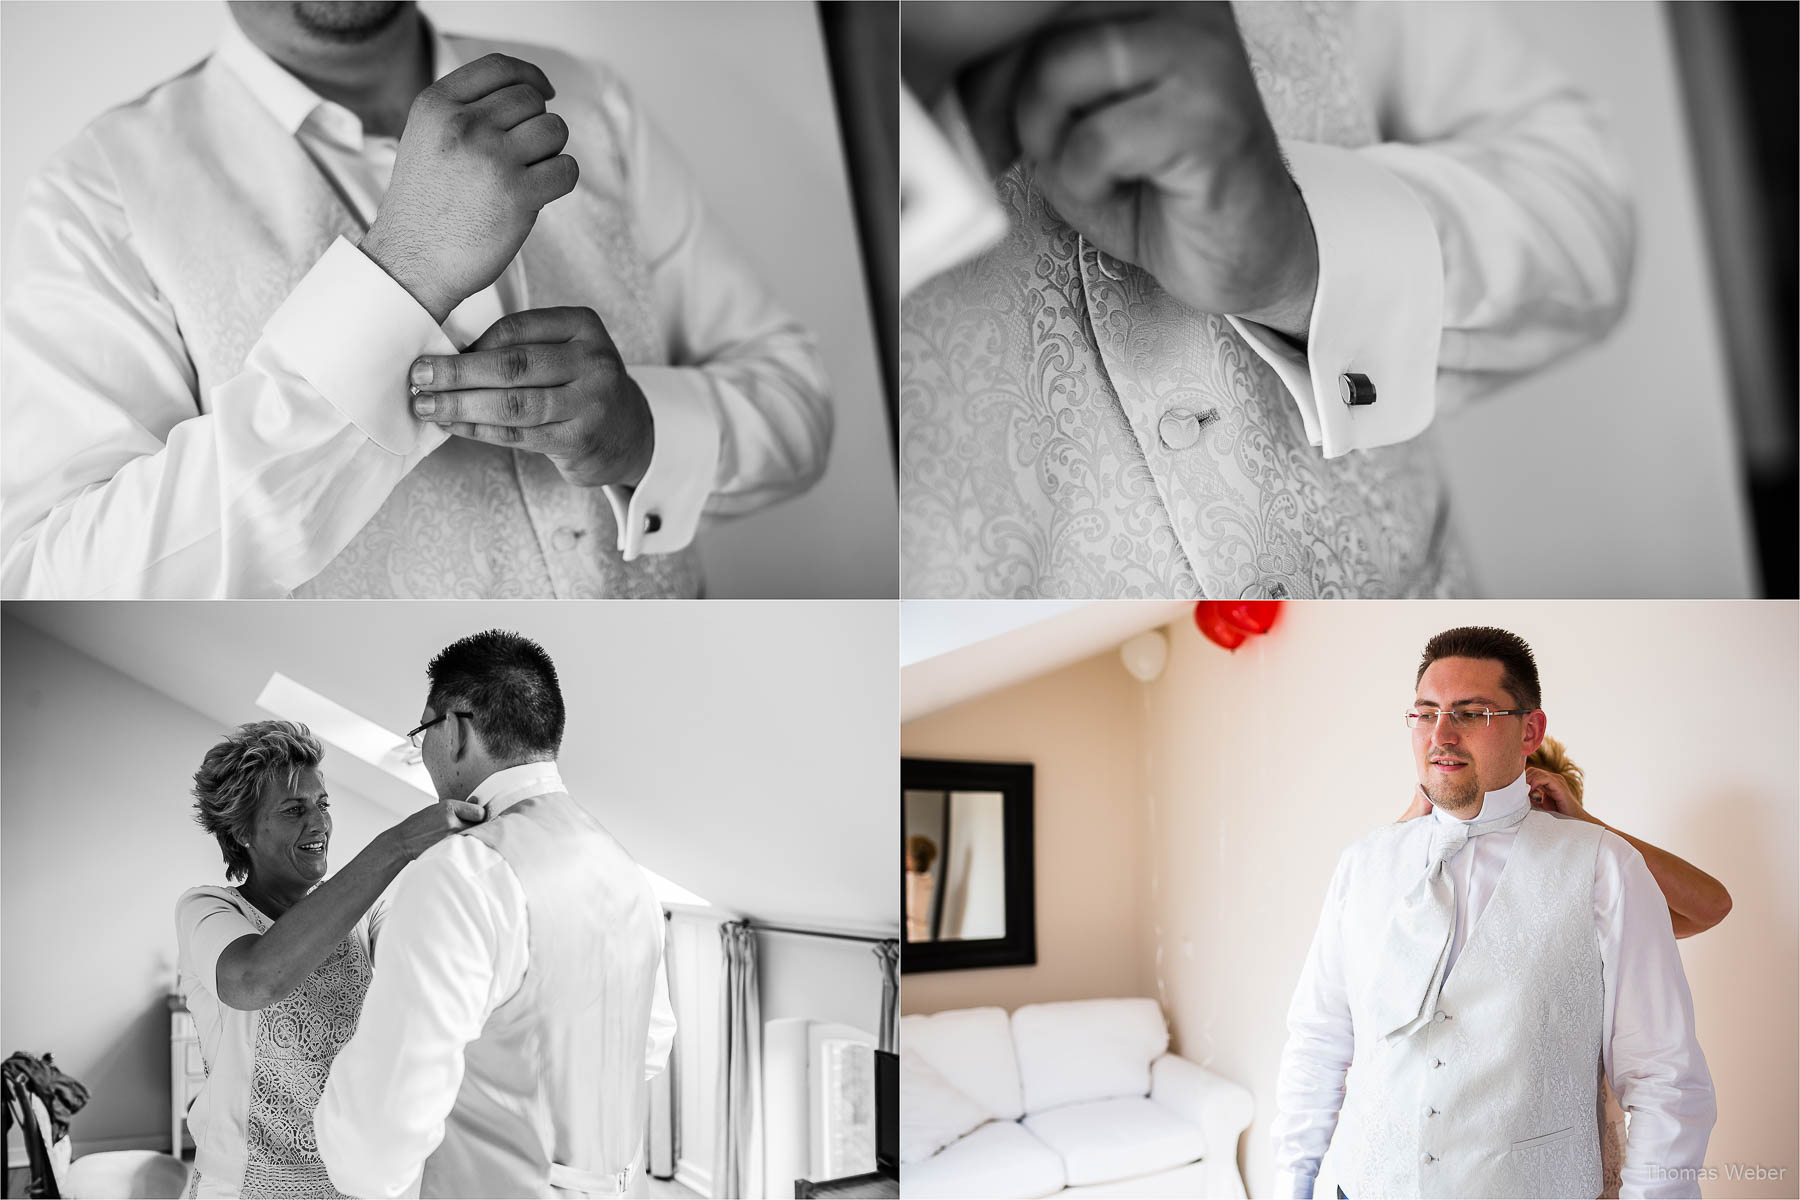 Hochzeitsfotograf bei einer Hochzeit auf Schloss Gamehl an der Ostsee: Die Ankleide des Bräutigams